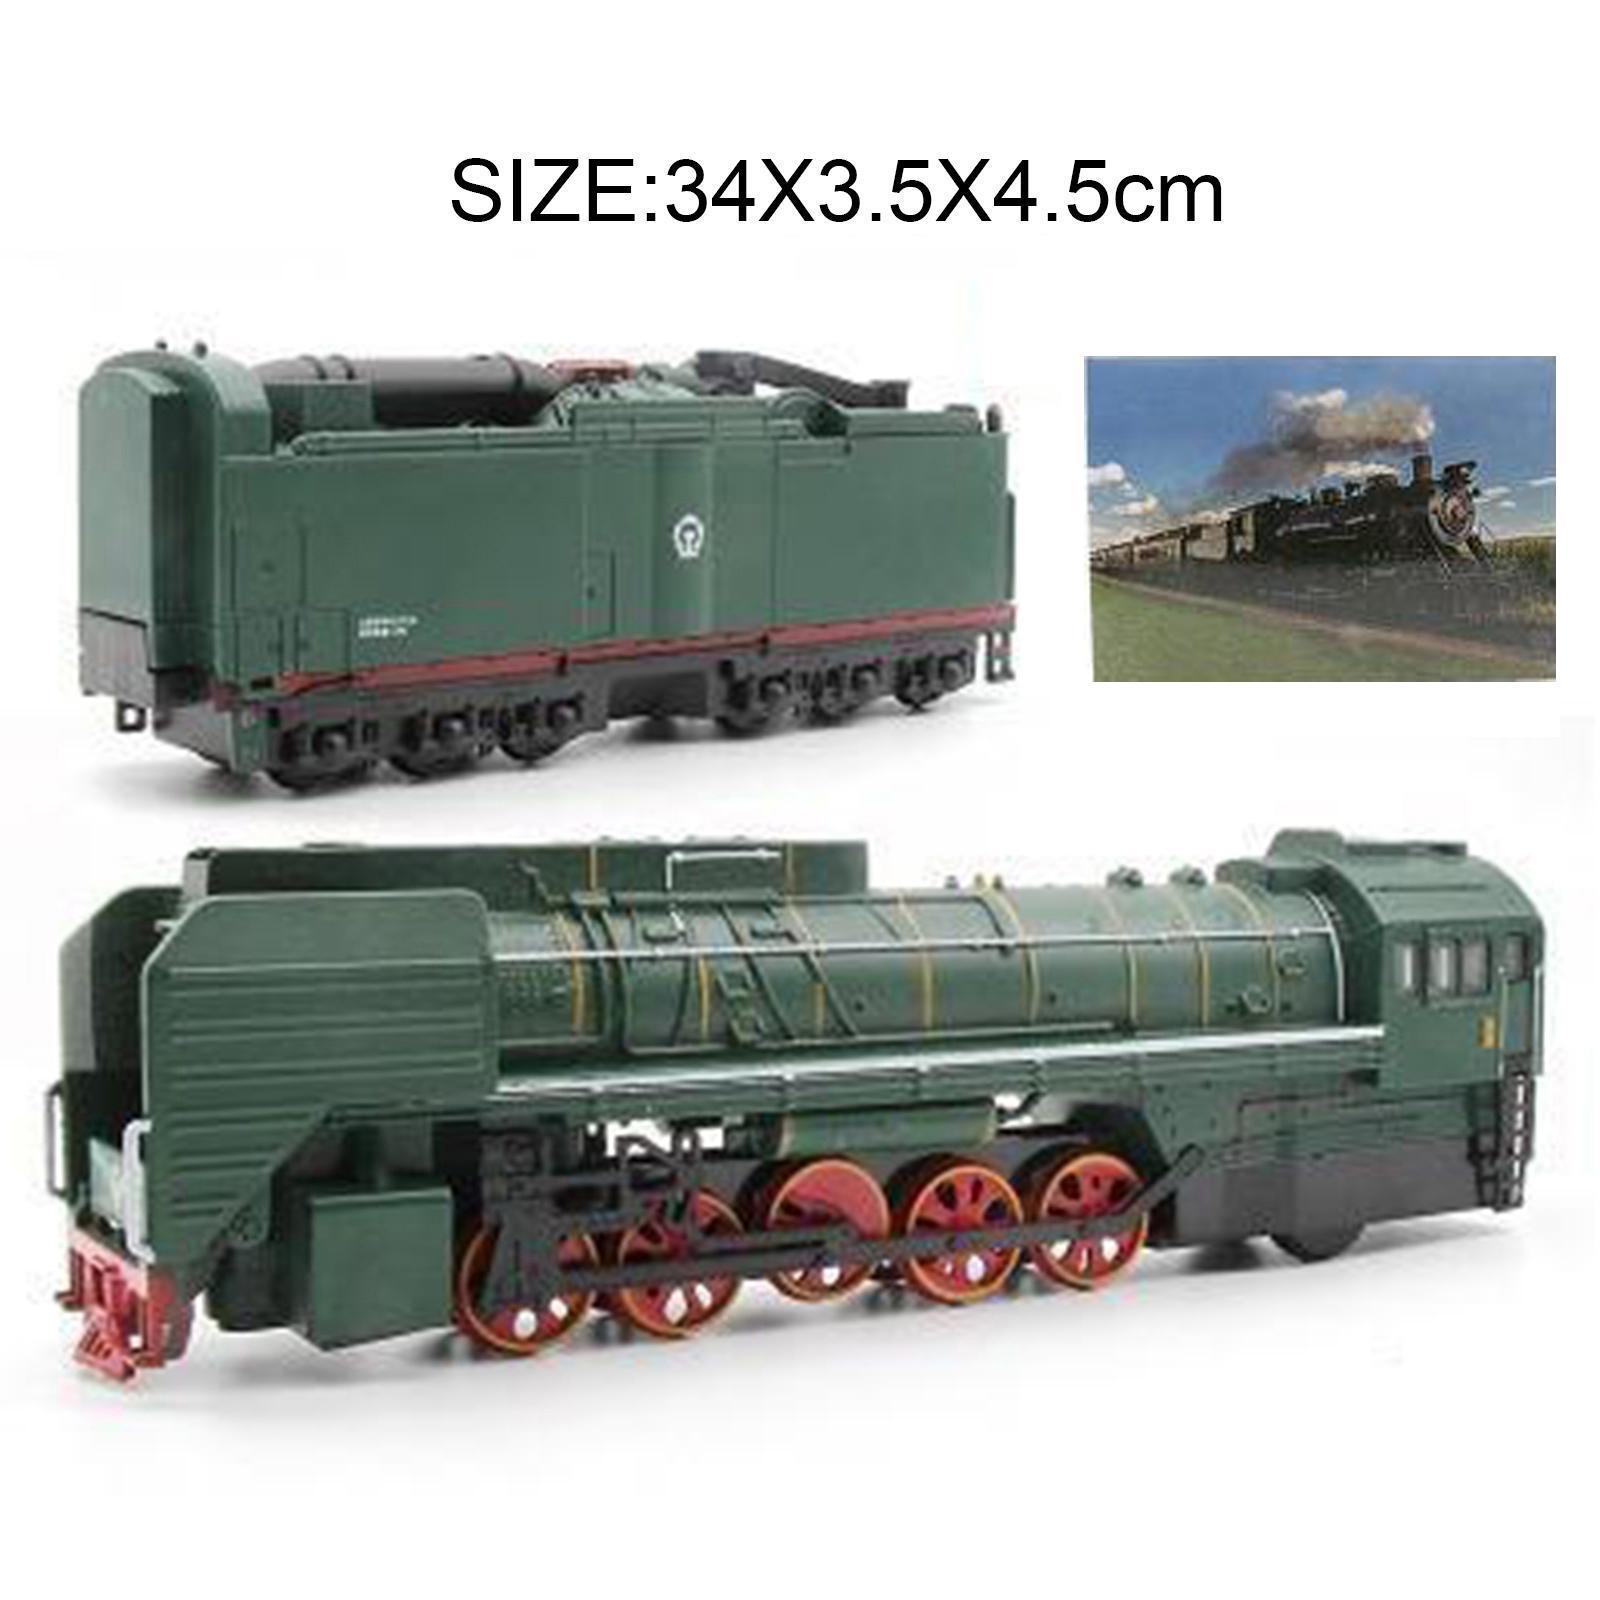 miniature 11 - Train à vapeur jouet Diecast Locomotive reculer le son lumière modèle de voit